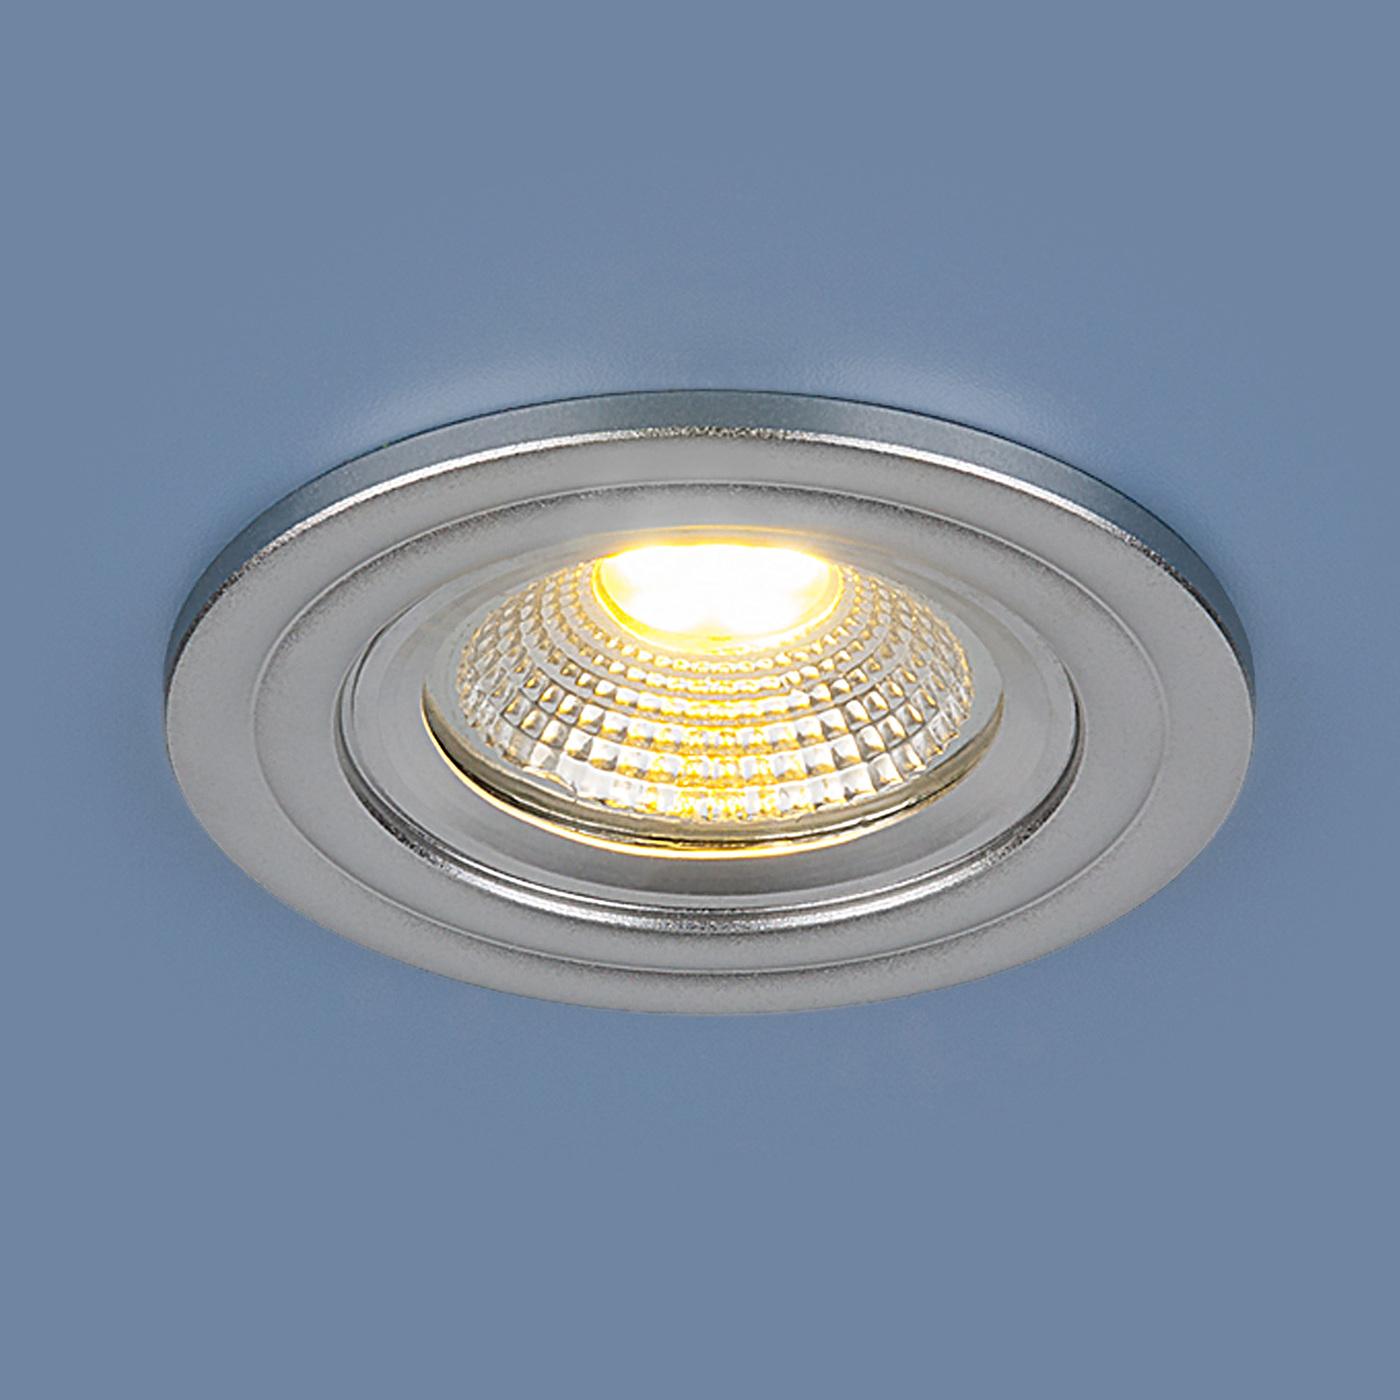 Встраиваемый светильник Elektrostandard потолочный LED 9902 LED 3W COB SL jrled 3w 300lm 6500k 21 cob led white light modules white beige 5 pcs dc 10 11v